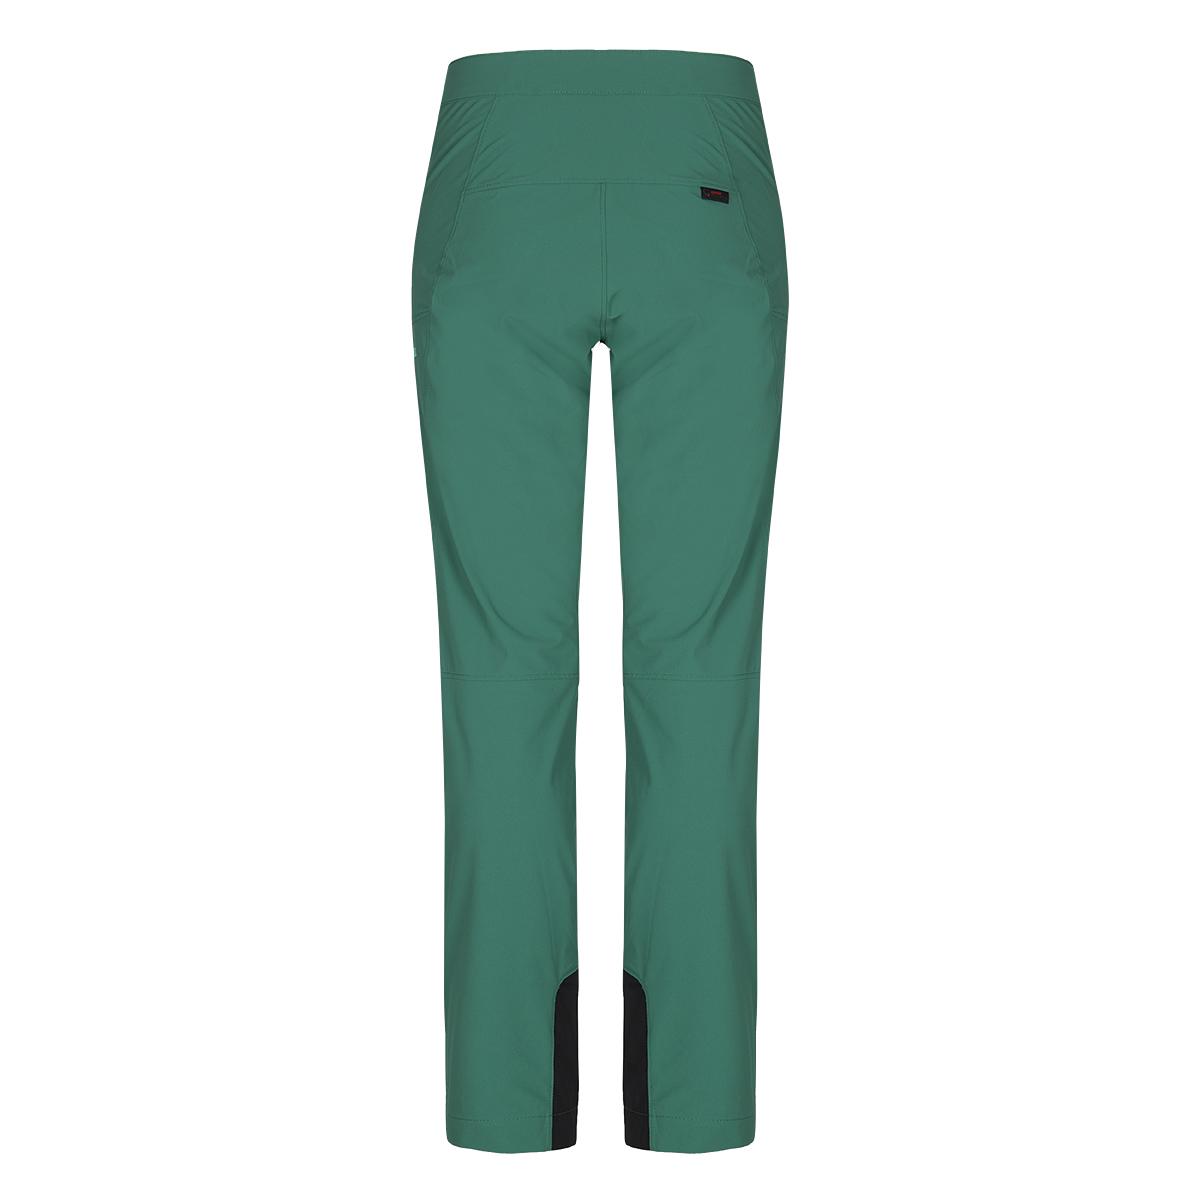 Zajo Air LT Pants 4